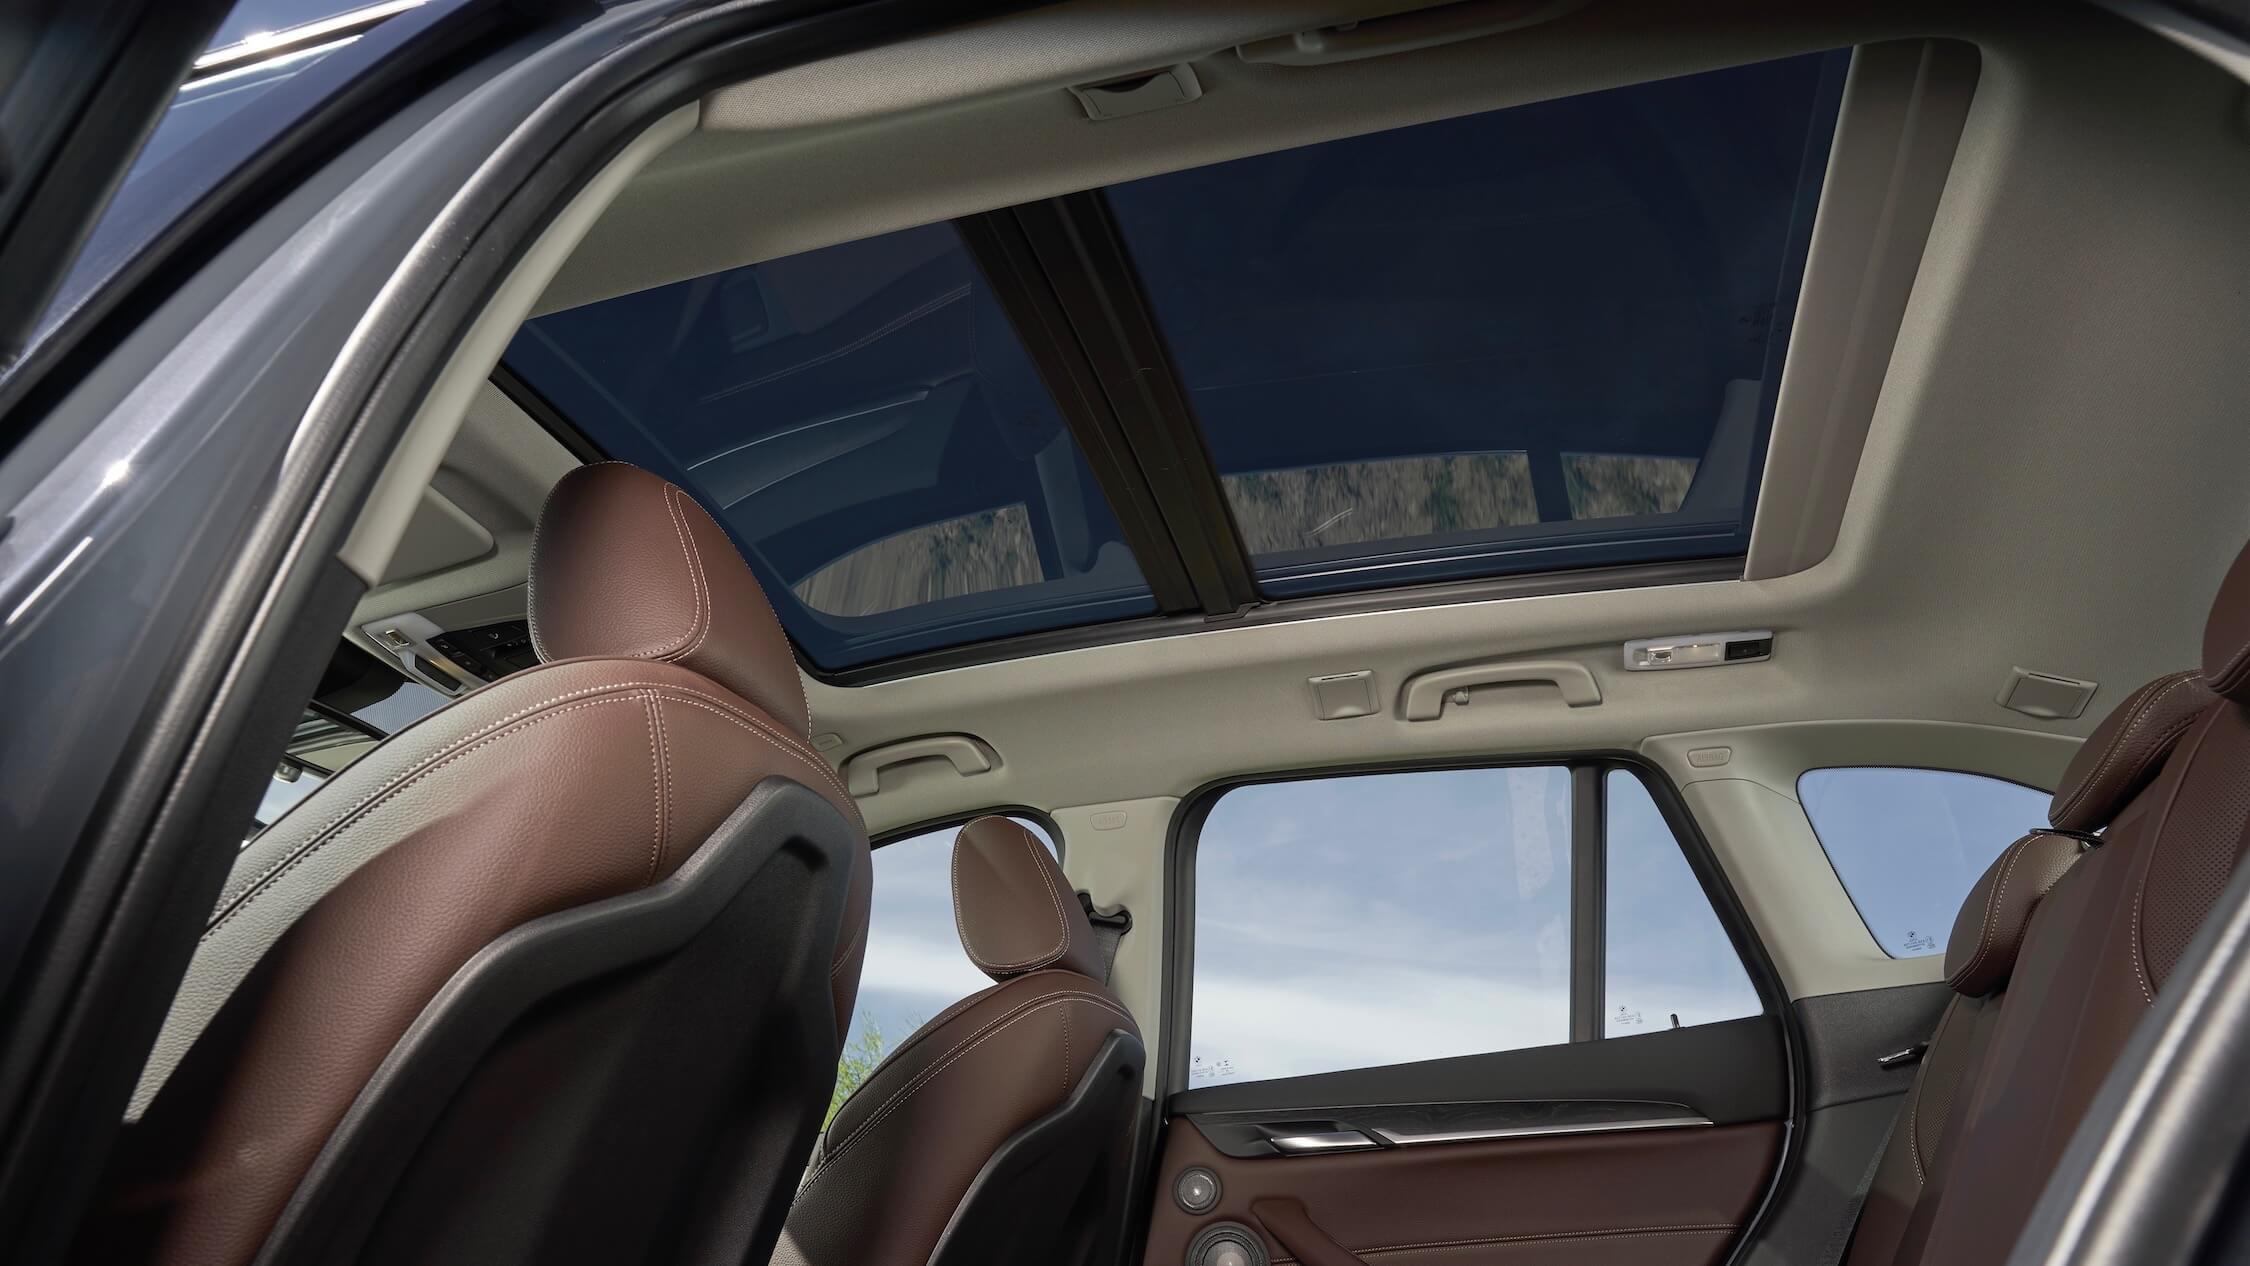 hybride BMW X1 glazen dak